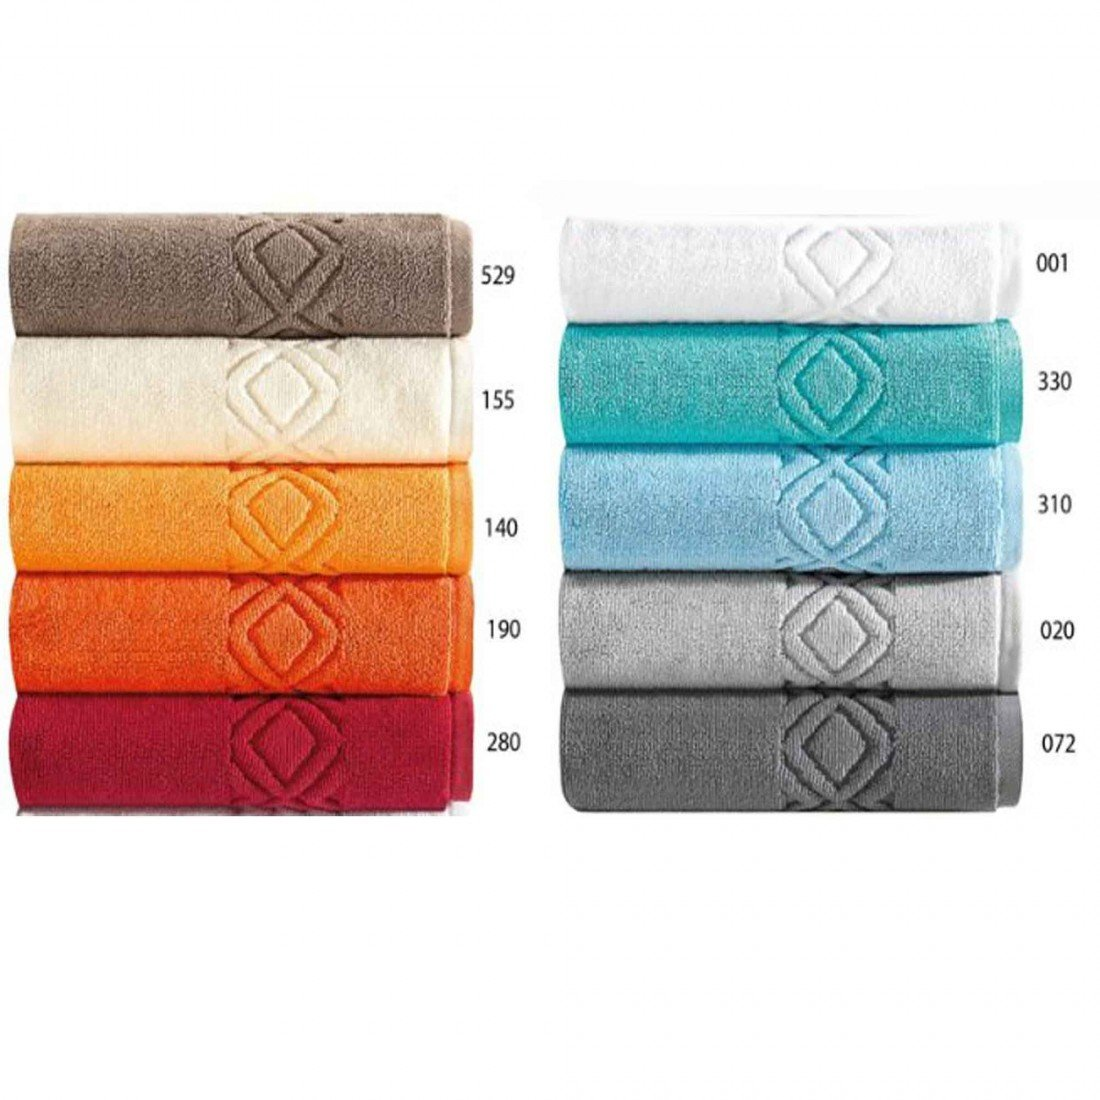 Cotone 60 x 110 cm Tappetino per il bagno Denver/-/Scendibagno di grande qualit/à 330 mare 100/% cotone 50 x 70 cm 3/dimensioni e 10 colori 50x70 cm 70 x 130 cm